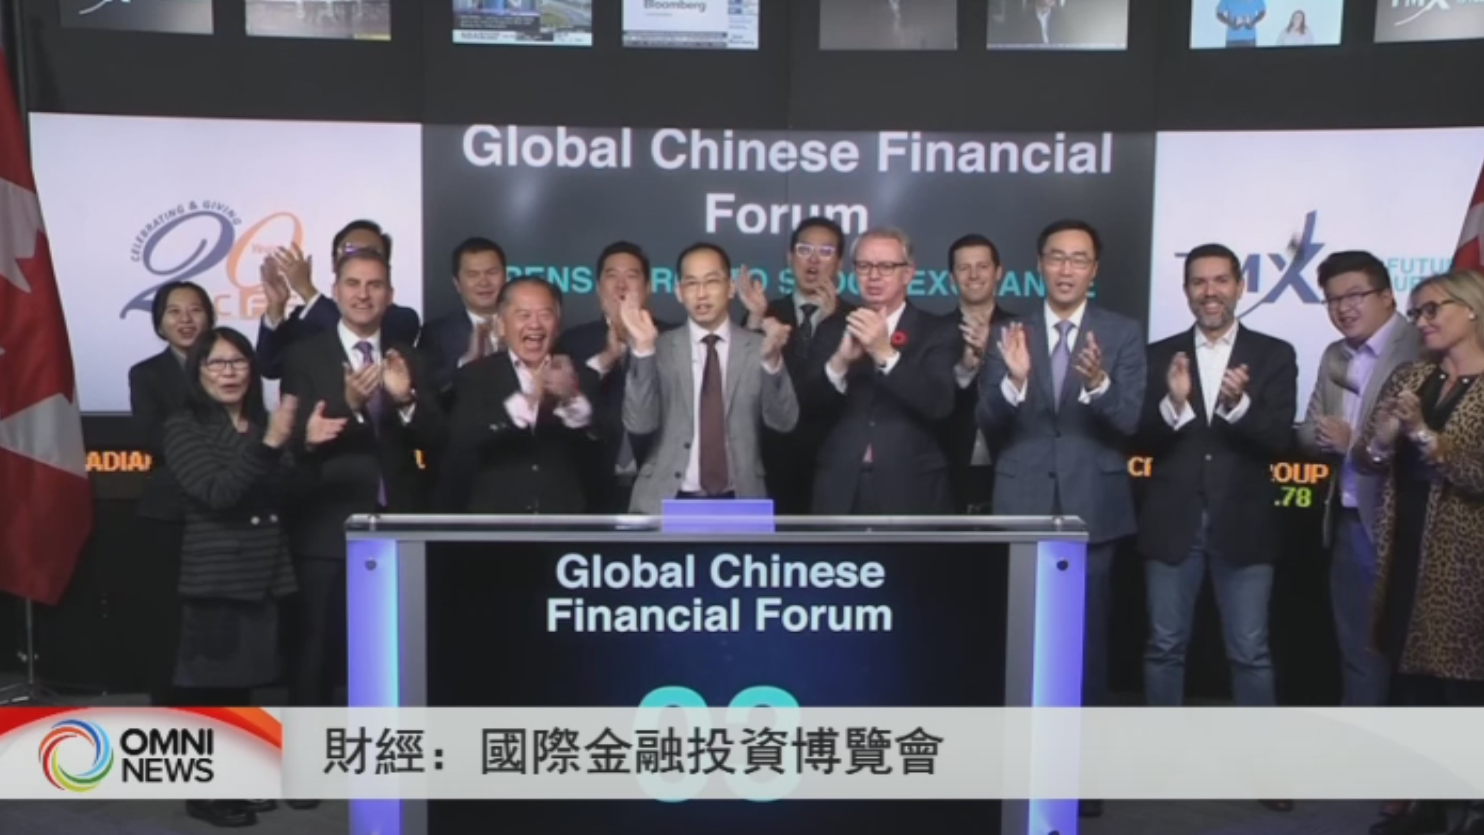 回顾GCFF国际金融投资博览会20周年 | NAI总裁陈德佳先生做客OMNI TV与资深记者Otto Tang进行访谈